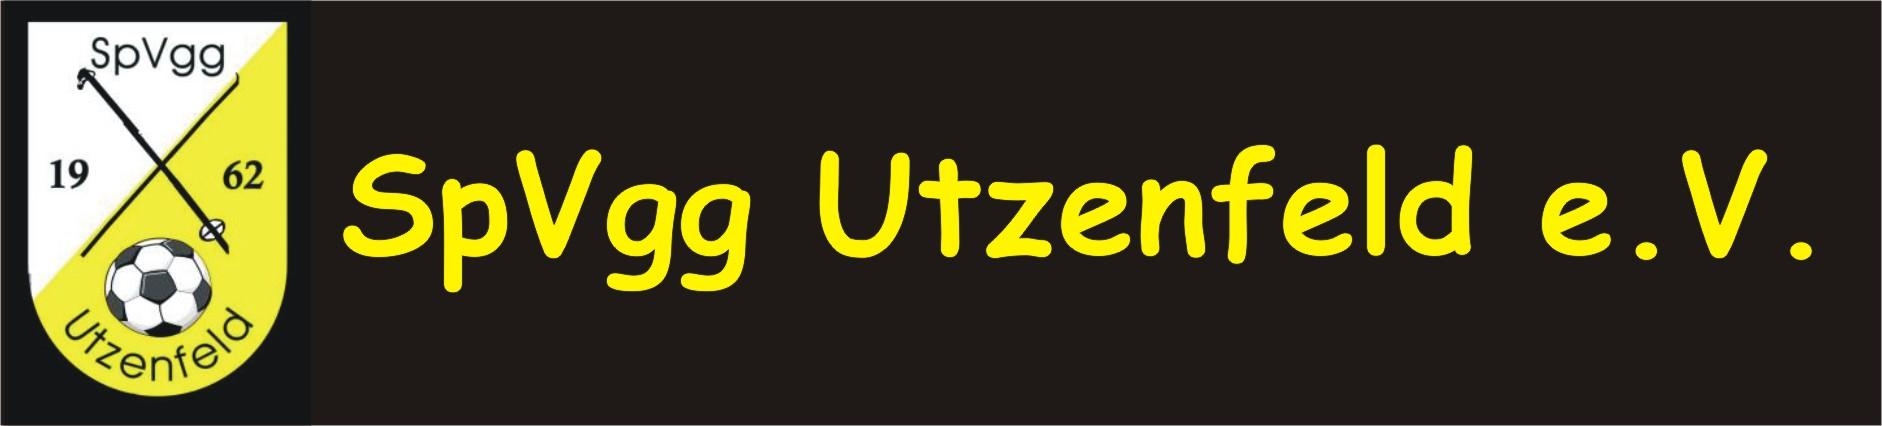 SpVgg-Utzenfeld